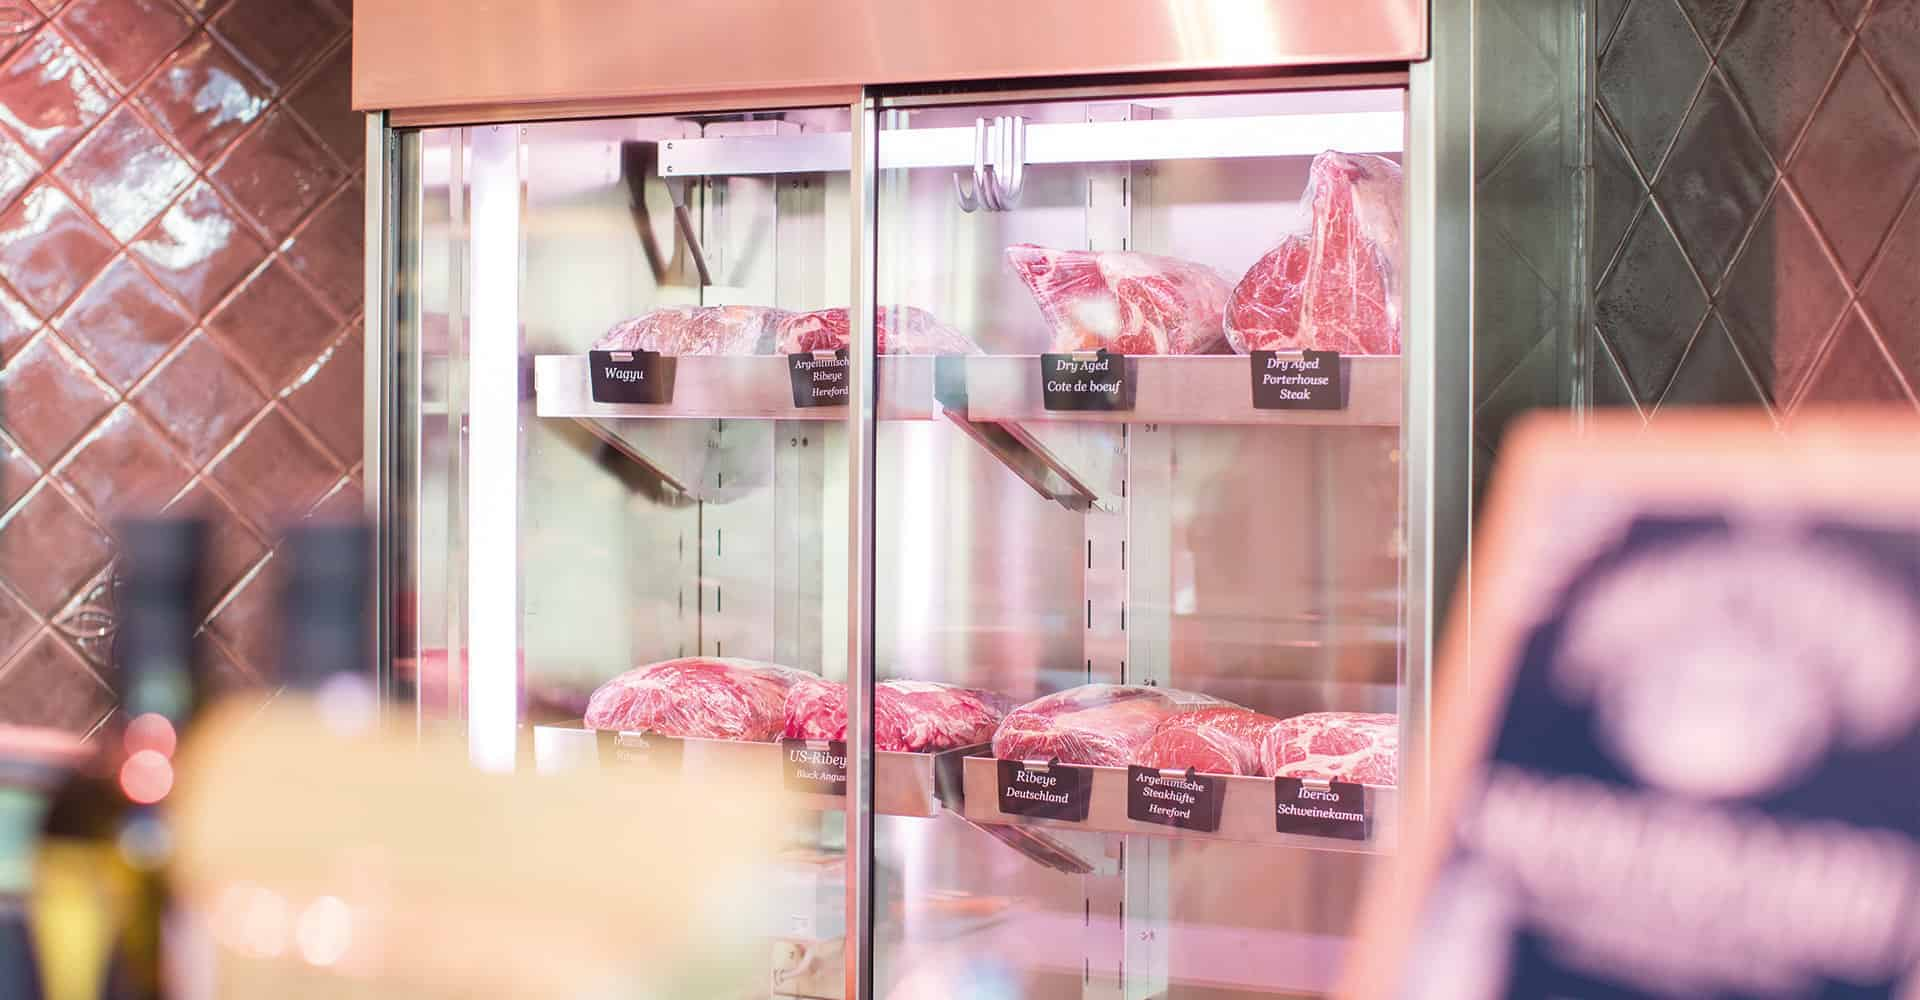 FEINKOST MÜLLER DRESDEN | NEUBAU LADENGESCHÄFT | Das 1940 gegründete Familienunternehmen pflegt seit vier Generationen mit Leidenschaft die Tradition des Fleischerhandwerks. Diese Leidenschaft soll der Kunde beim Kauf spüren. So war es dem Familienunternehmen wichtig, sowohl eine moderne Ladengestaltung umzusetzen als auch das Traditionshandwerk zu darzustellen. Die komplexe Projeksteuerung war unsere größte Herausforderung, über 18 Gewerke mussten gleichzeitg koordiniert werden, damit eine Umsetzung innerhalb von 6 Wochen realisierbar war. Als gestalterisches Highlight sind die Wandfliesen zu benennen, denn jedes Stück Fliese ist handgefertig und somit kompliziert zu verarbeiten. Die Knackerauswahl wird durch ein eigens konzipiertes Raglsystem inszeniert. Der Hackeklotz bekommt eine neue Funktion als Beratungstisch. Ein ausgedienter Fleischwolf wird zu einer Leucht umfunktioniert. Die Neuerstellung des Logos, der Internetseite komplettiert den Relaunch des Corporate Design.